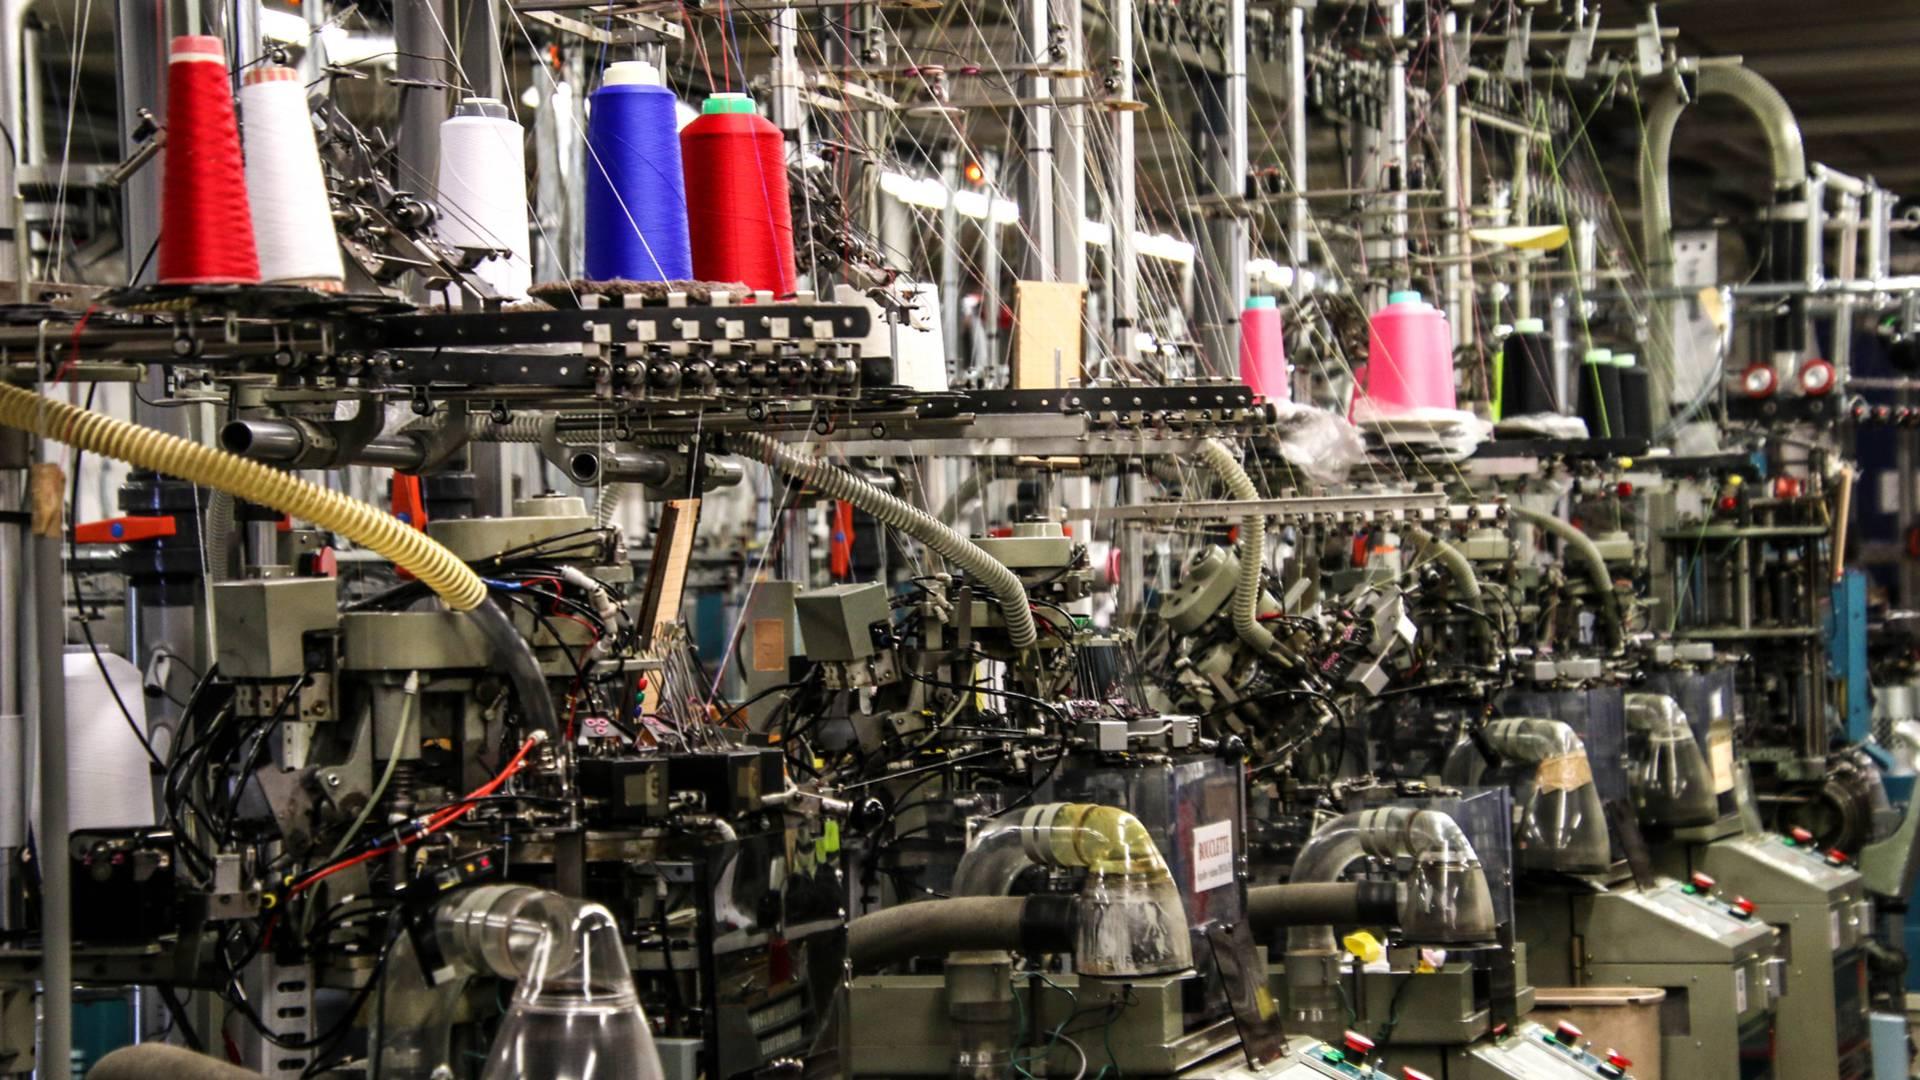 Dans l'atelier de tricotage de la Manufacture Perrin, Montceau-les-Mines. © Lesley Williamson.